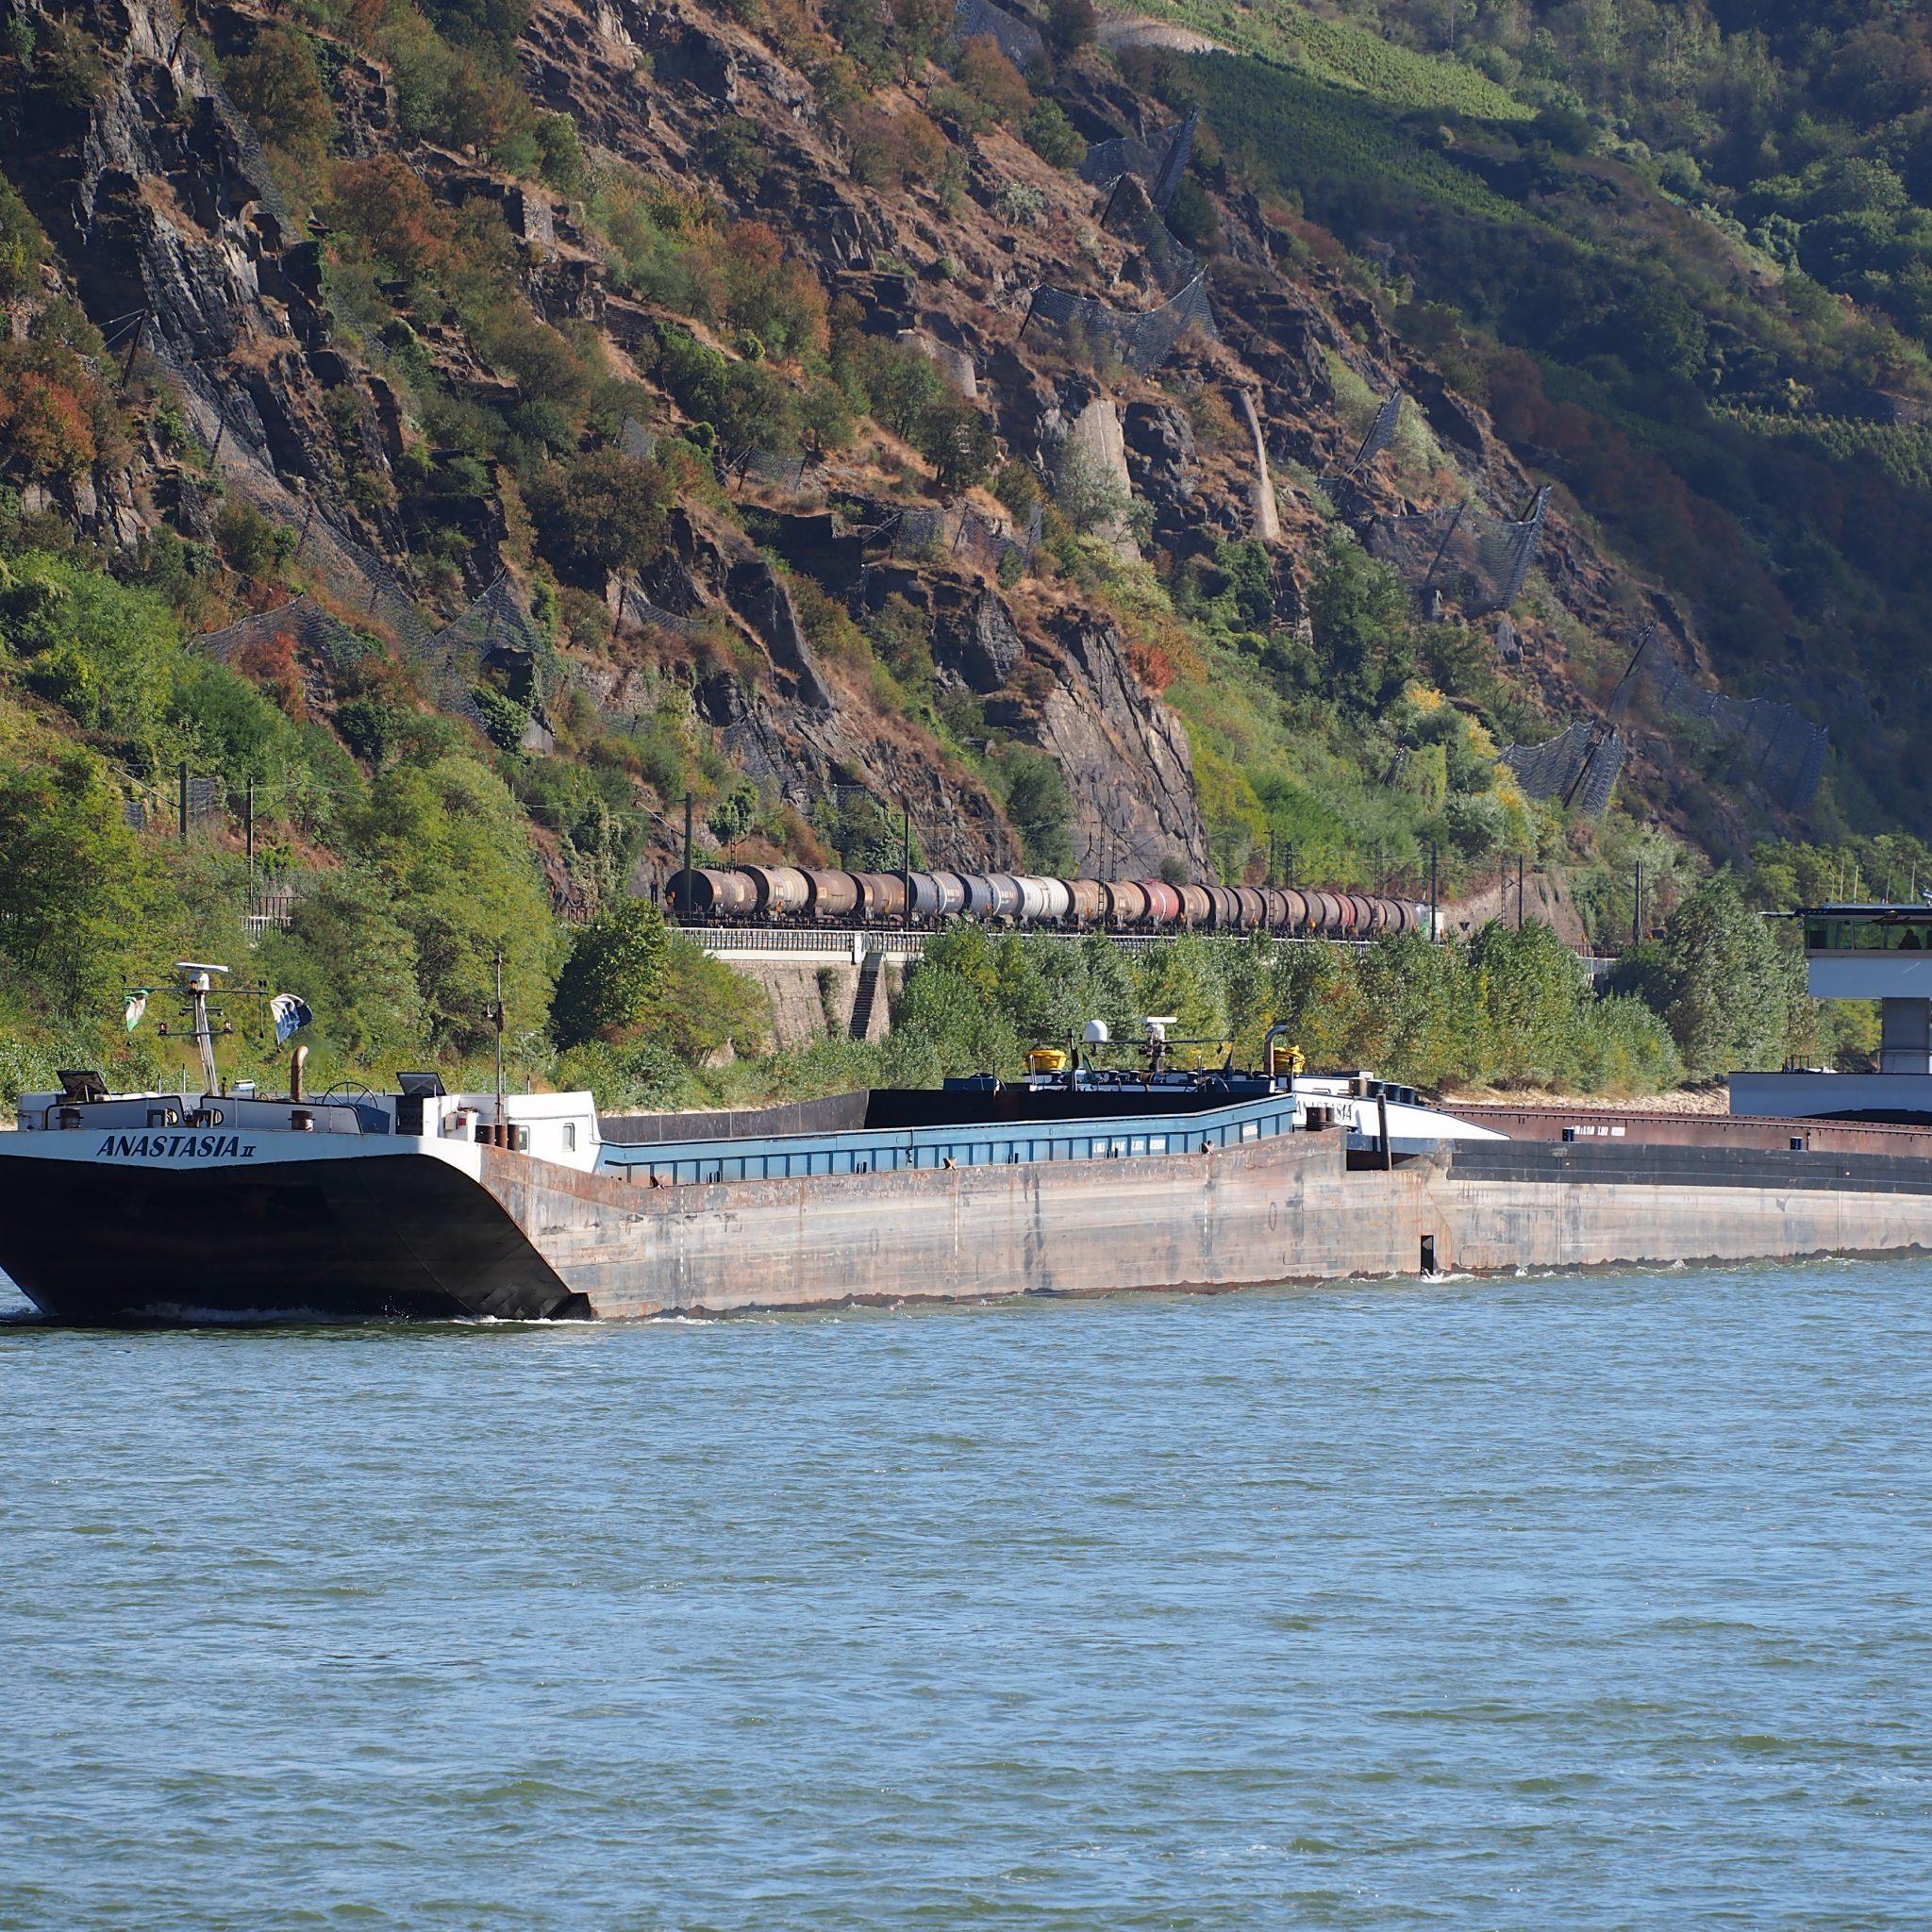 Binnenvaartschip Anastasia vaart op de Rijn bij Oberwesel. (Foto Alf van Beem/Wikimedia)